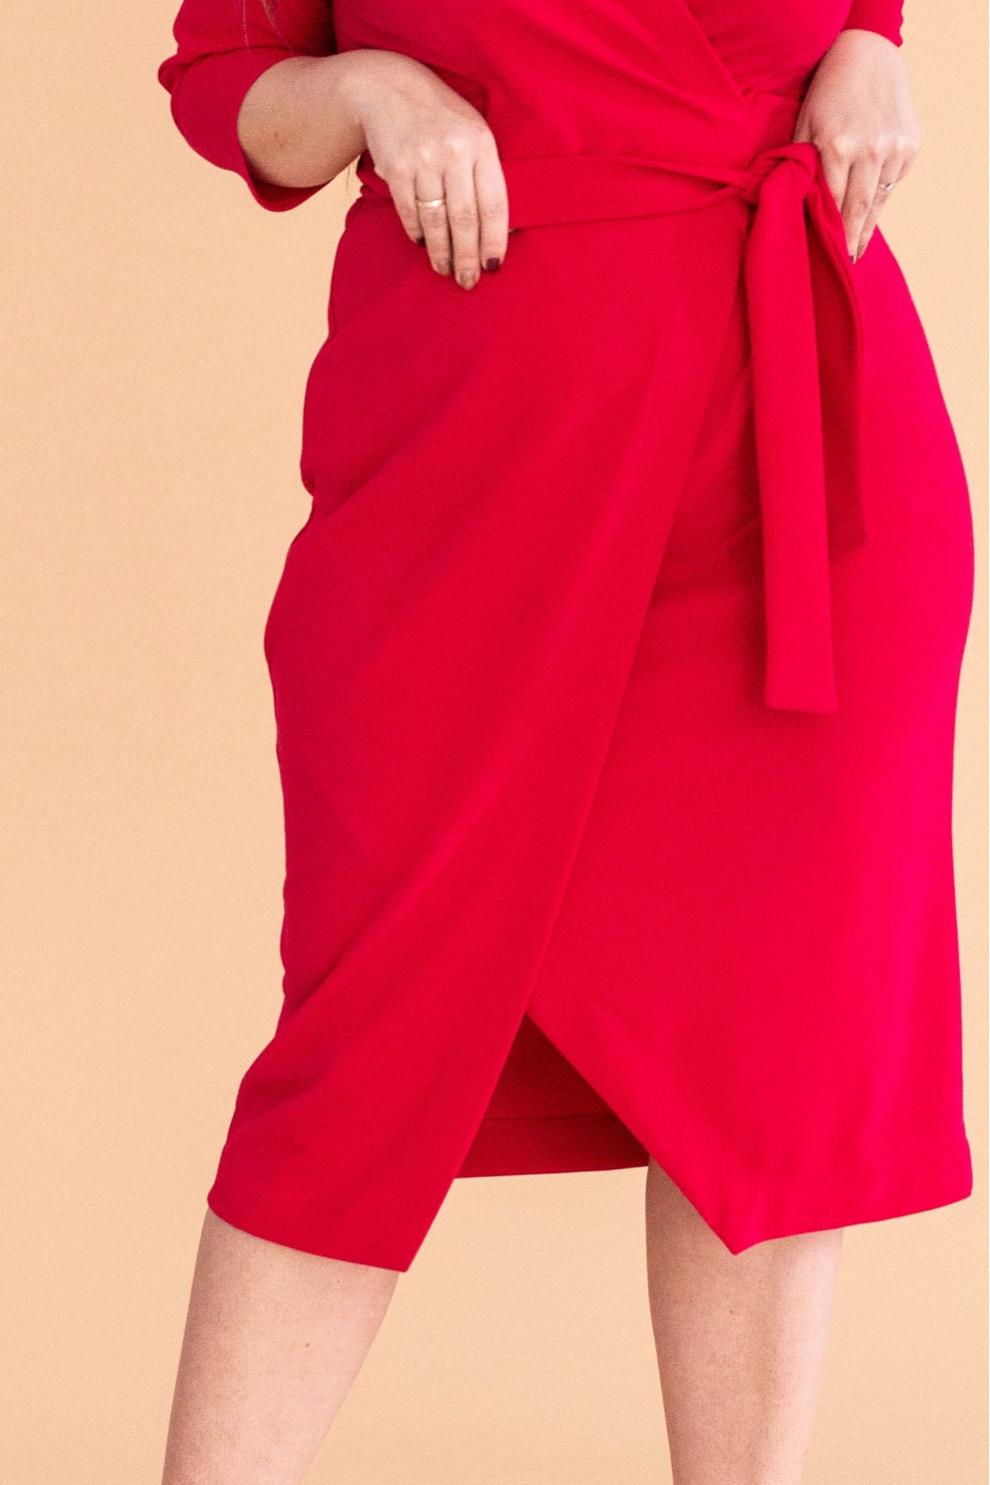 679da694 Malinowa sukienka z wiązaniem - VENEZIA - Sklep PLUS SIZE XL-ka